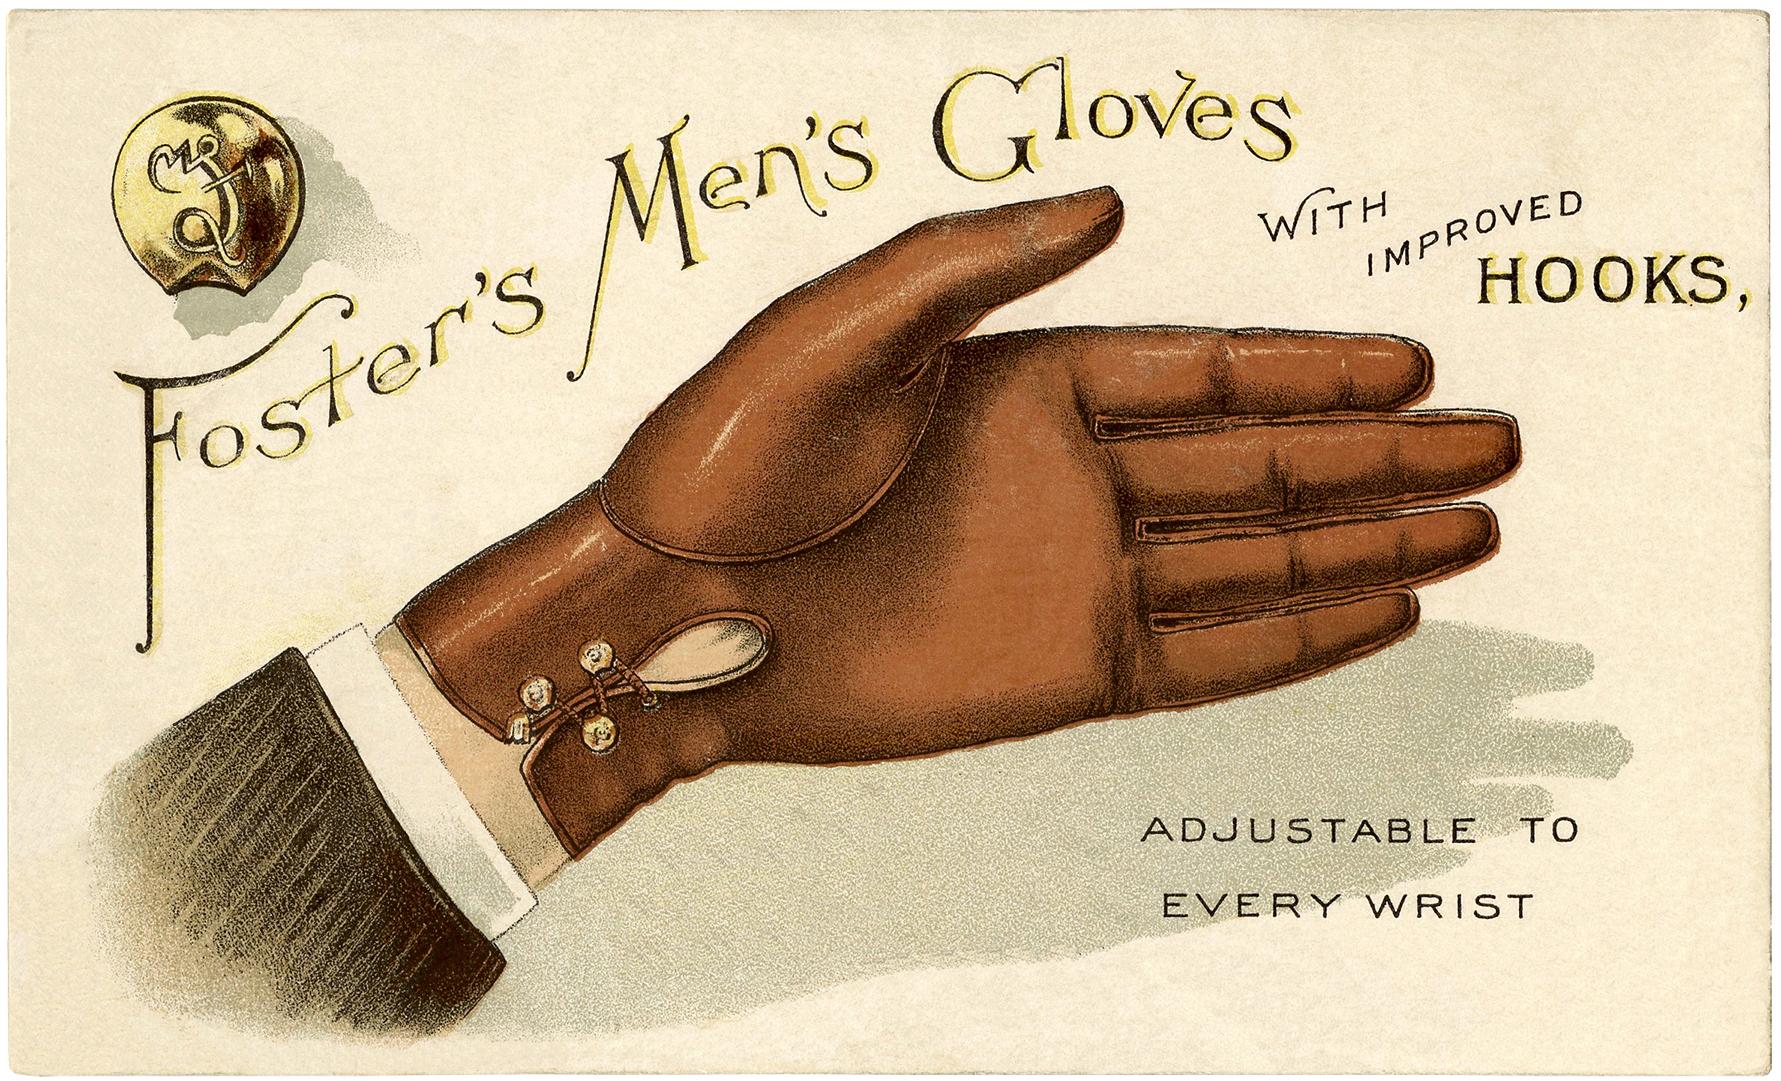 Vintage mens leather gloves - Vintage Leather Gloves Image